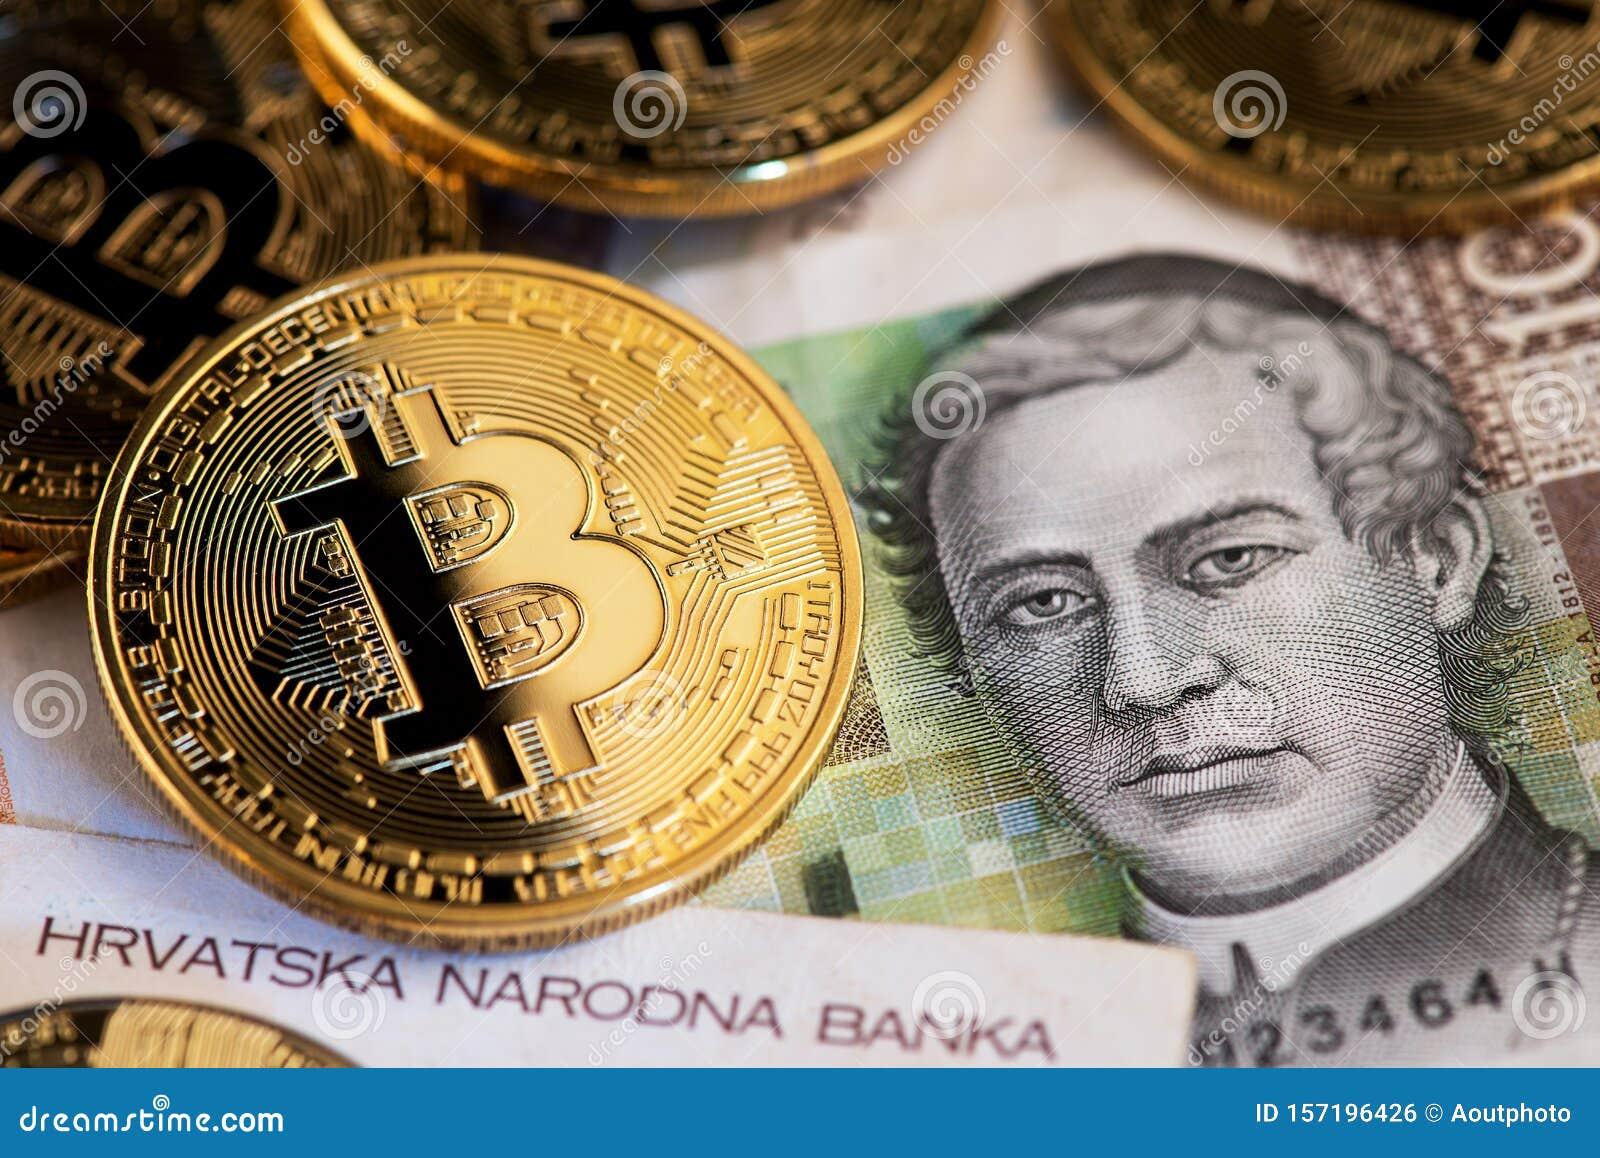 kuna bitcoin)